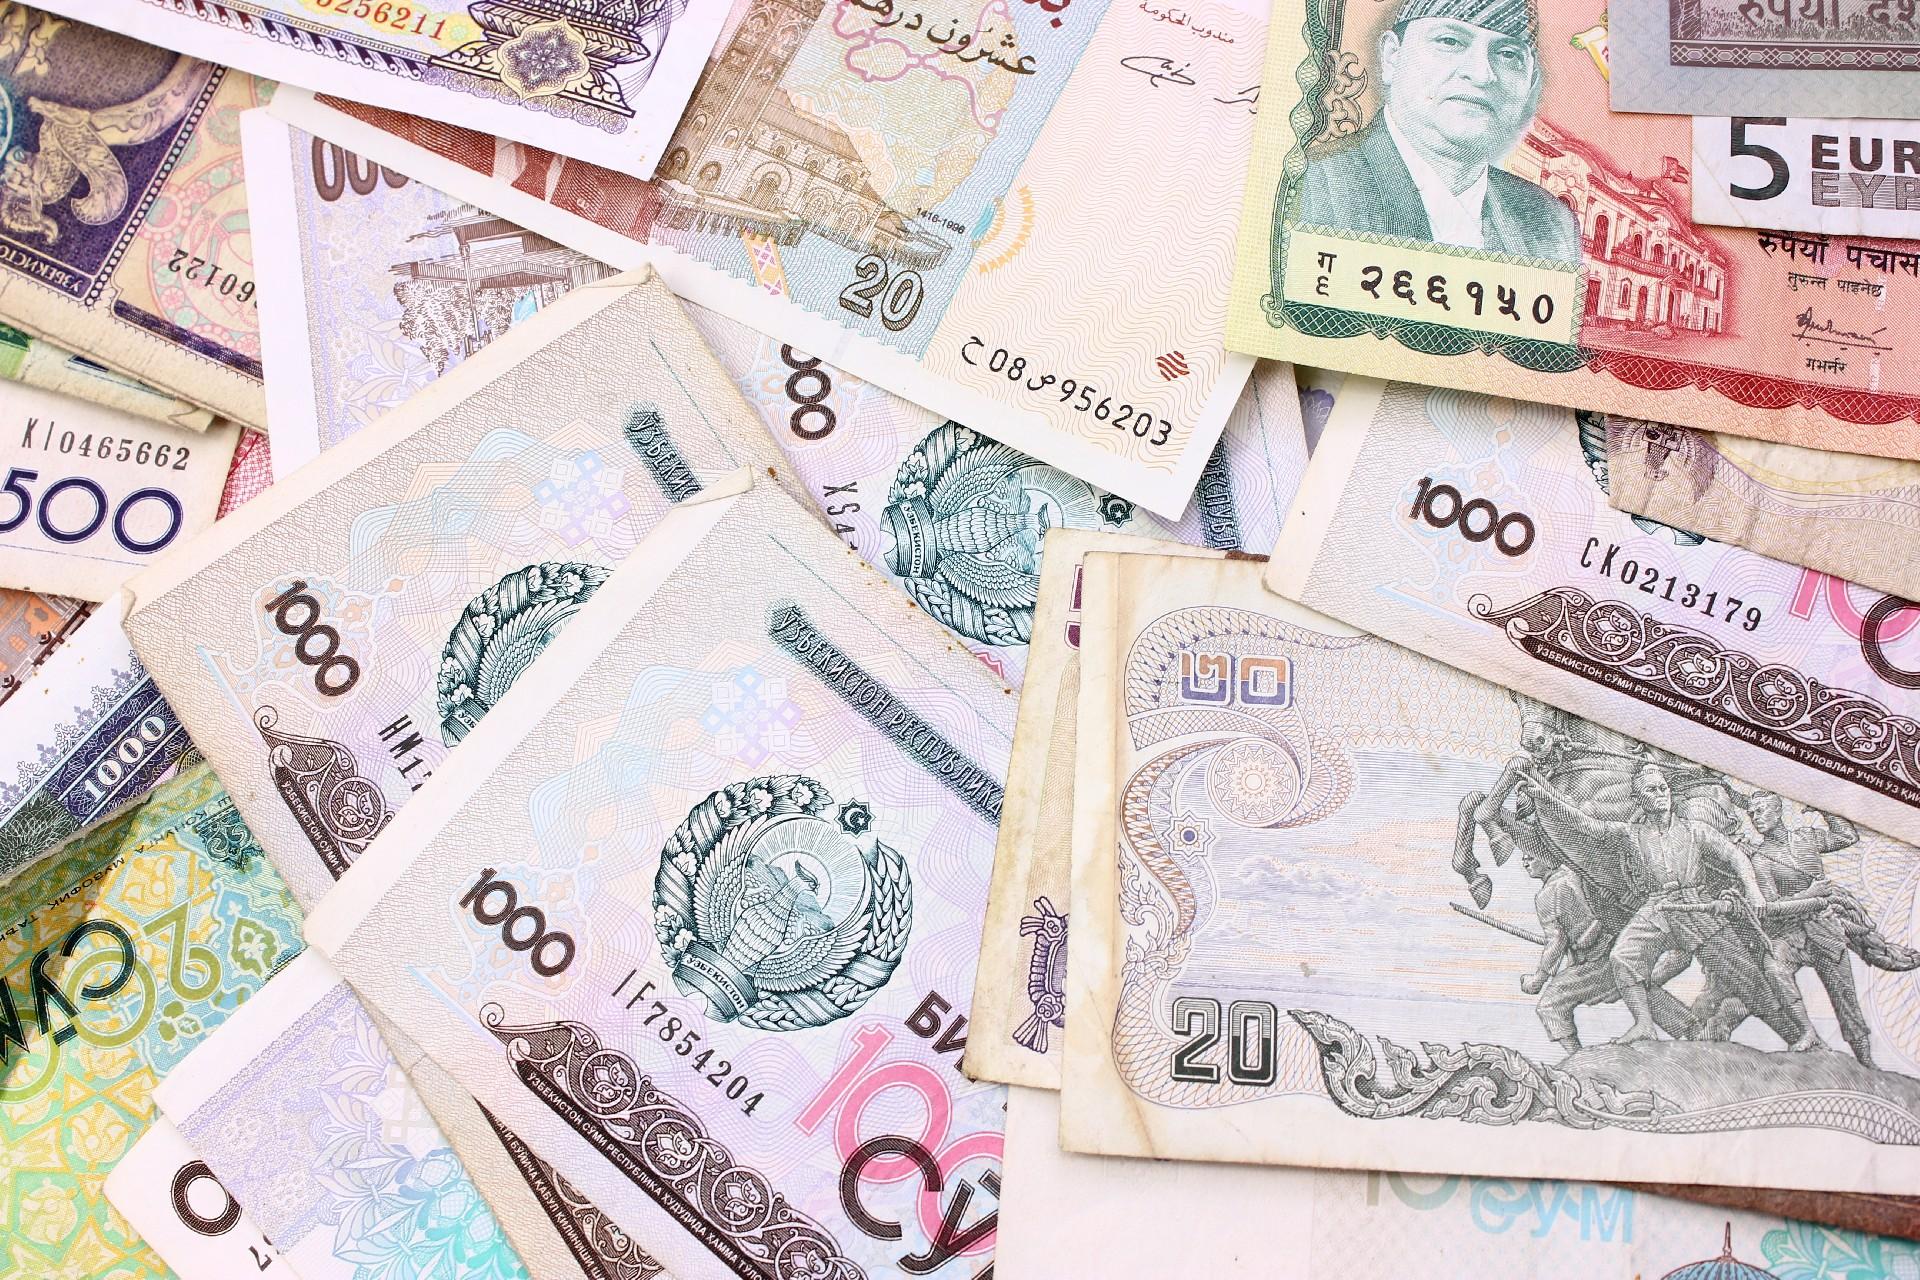 「格差社会」に警鐘を鳴らすピケティ氏 「若い世代を優遇する税制」を日本に提唱